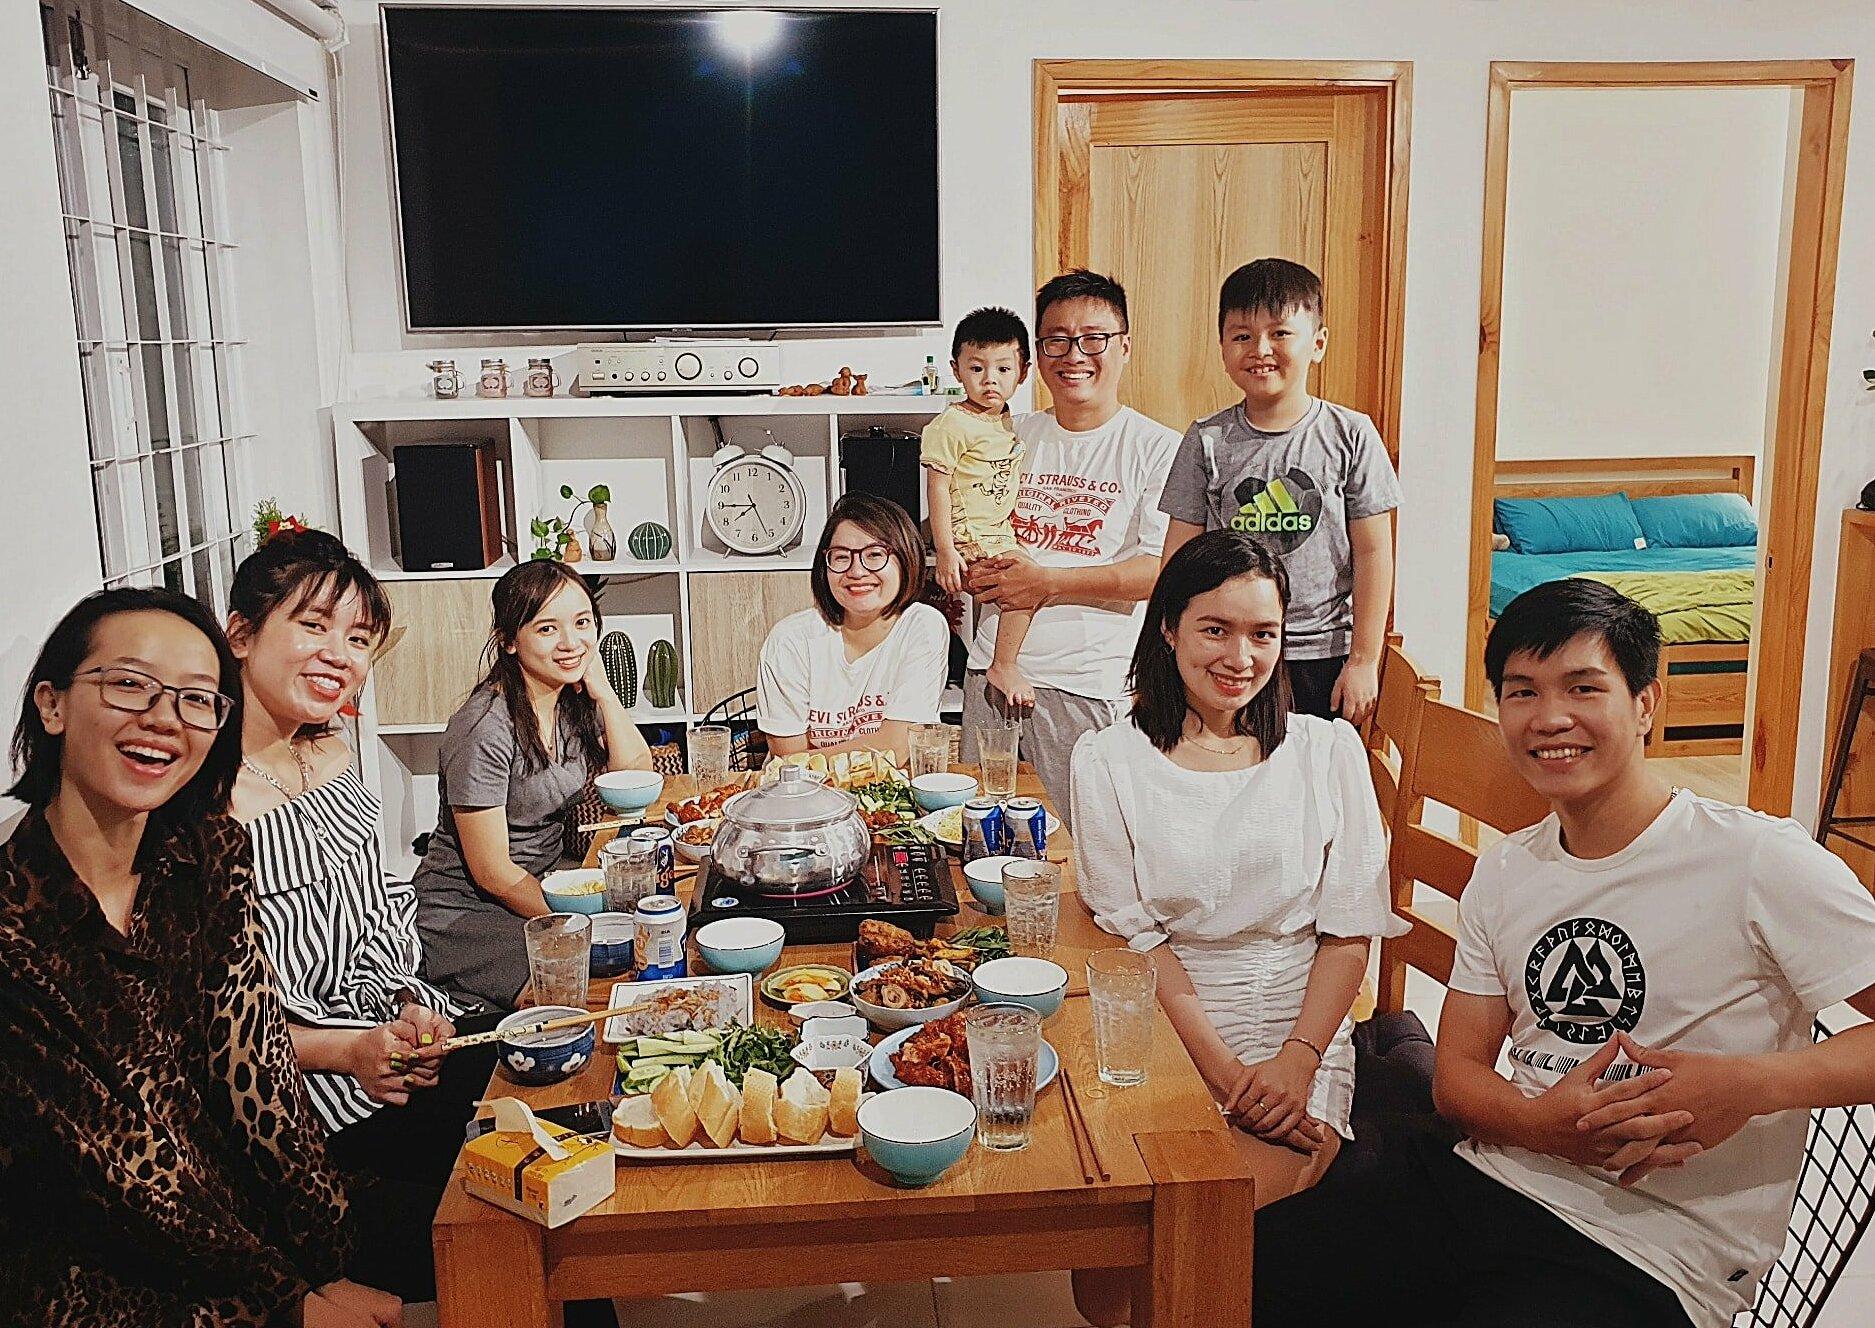 1001 món ngon chiều vợ của chàng trai 8X Sài Gòn - 2